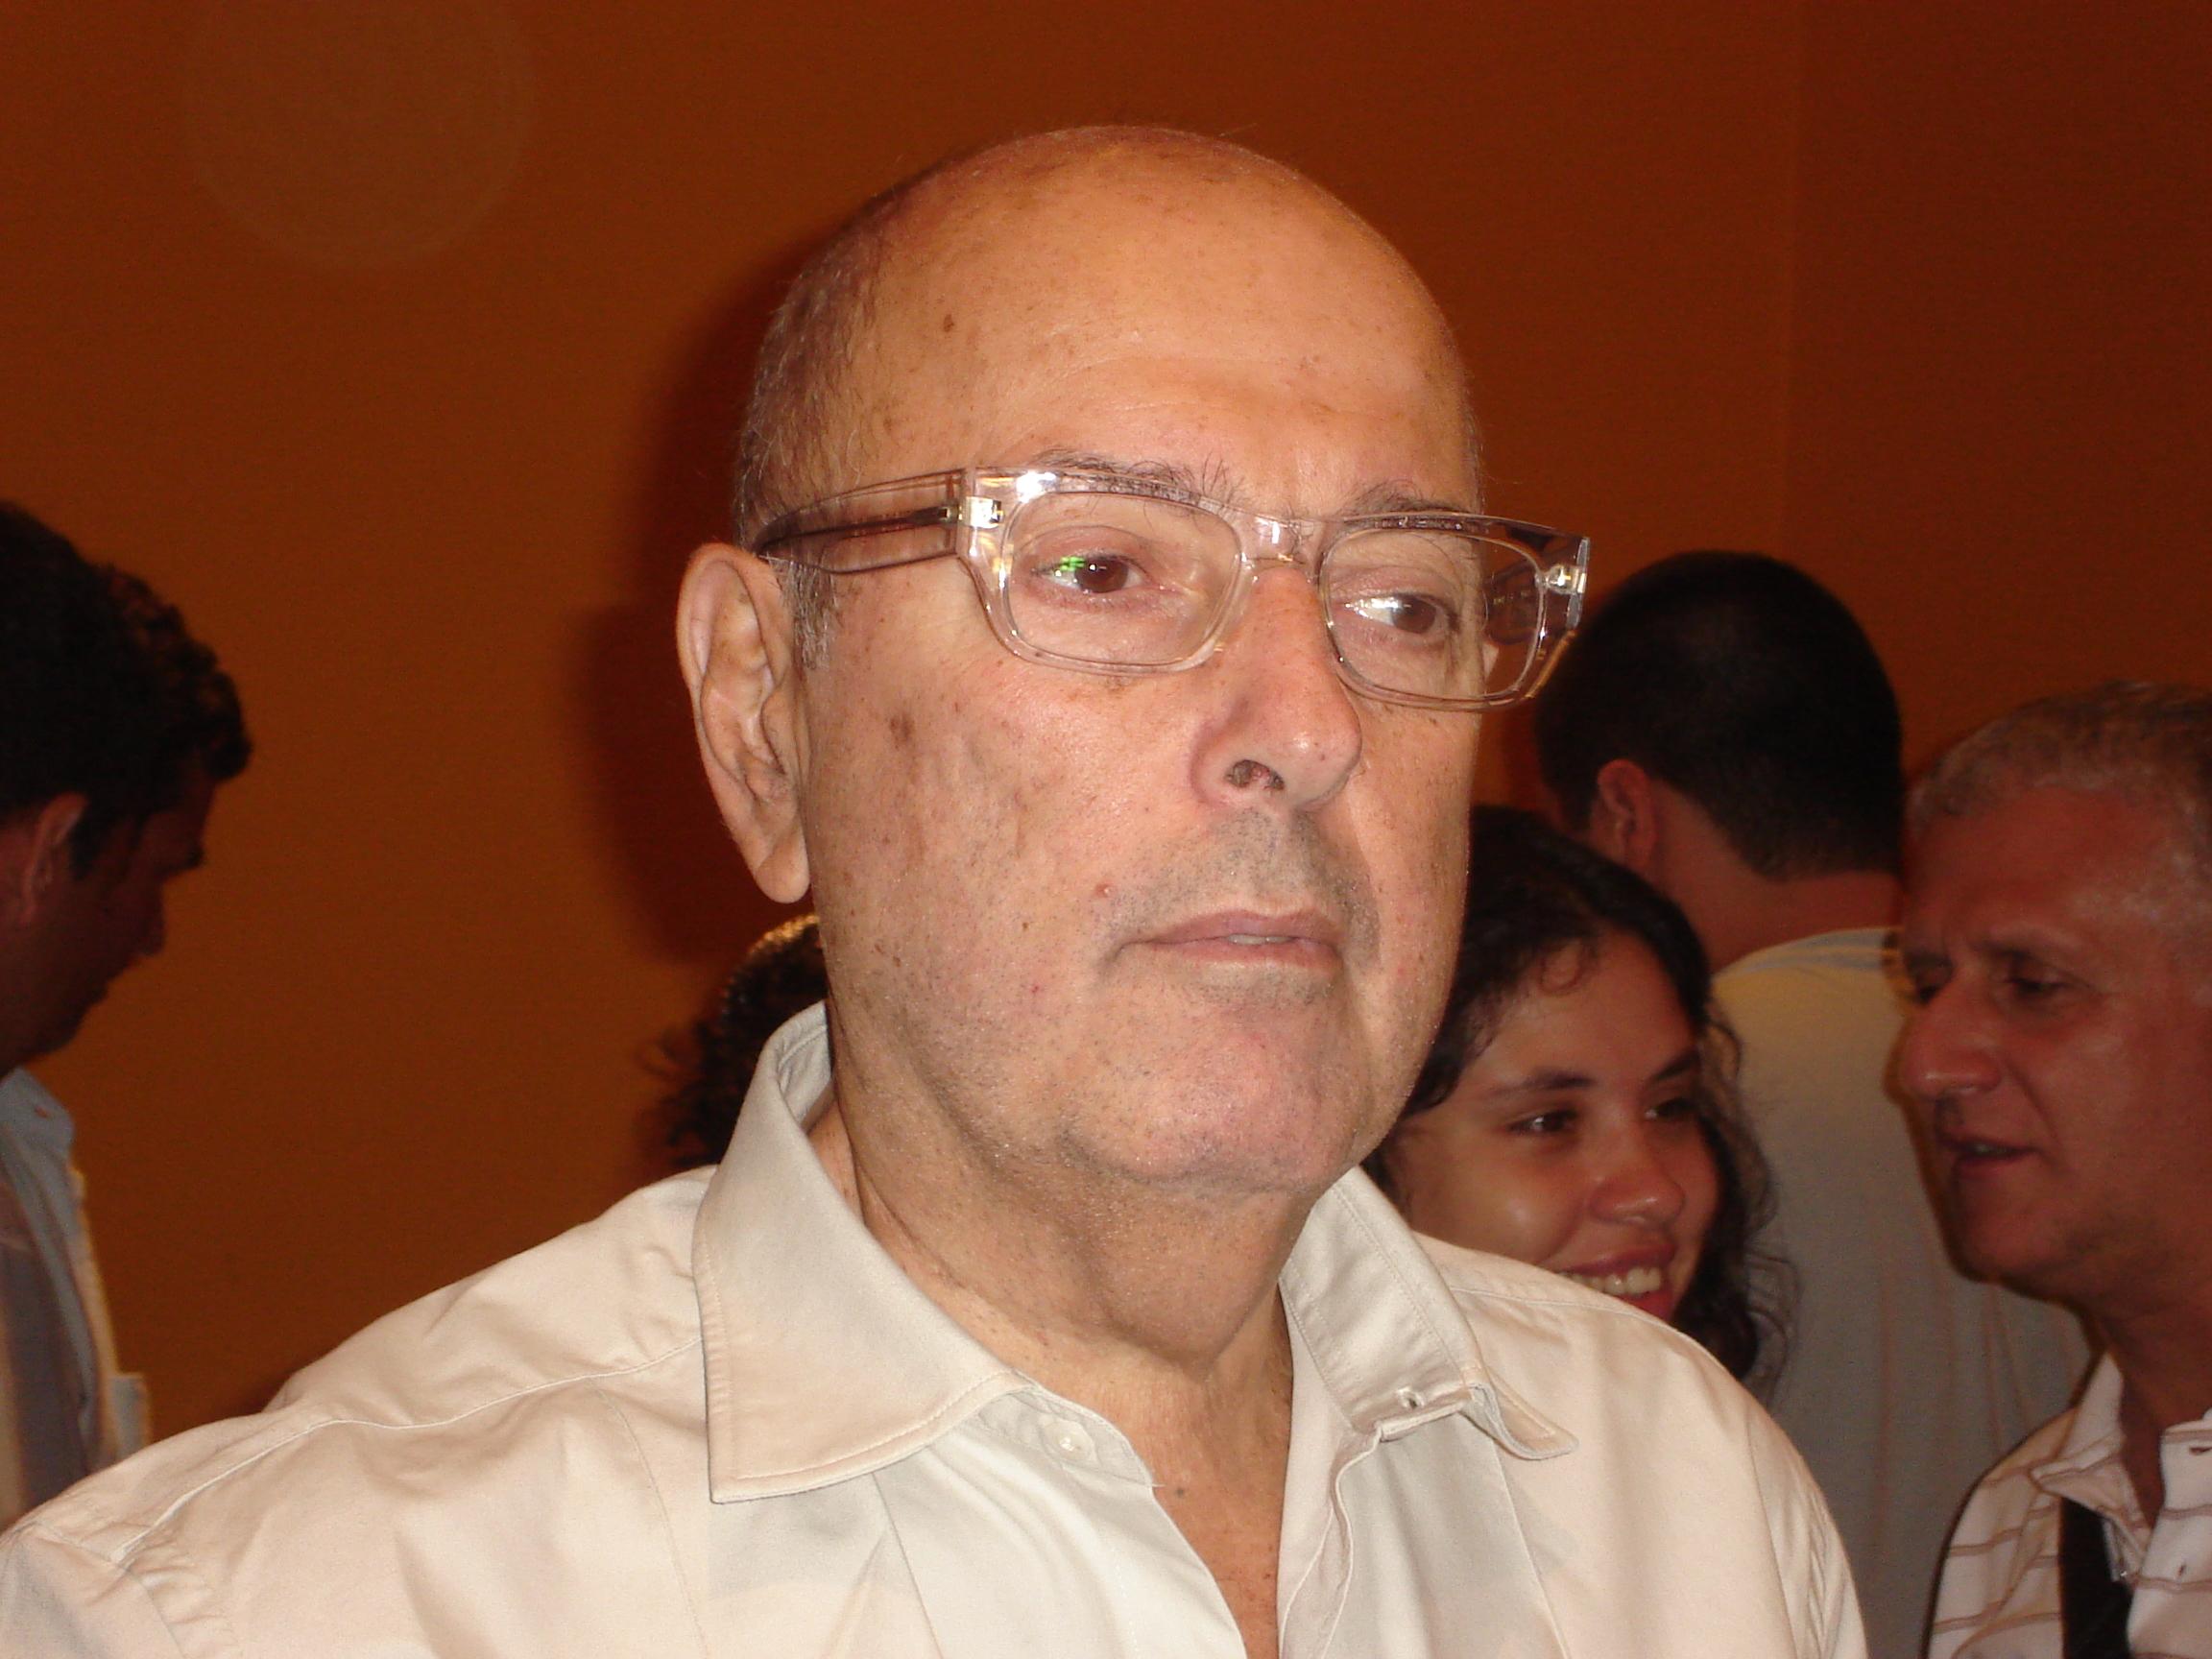 Hector Babenco Net Worth